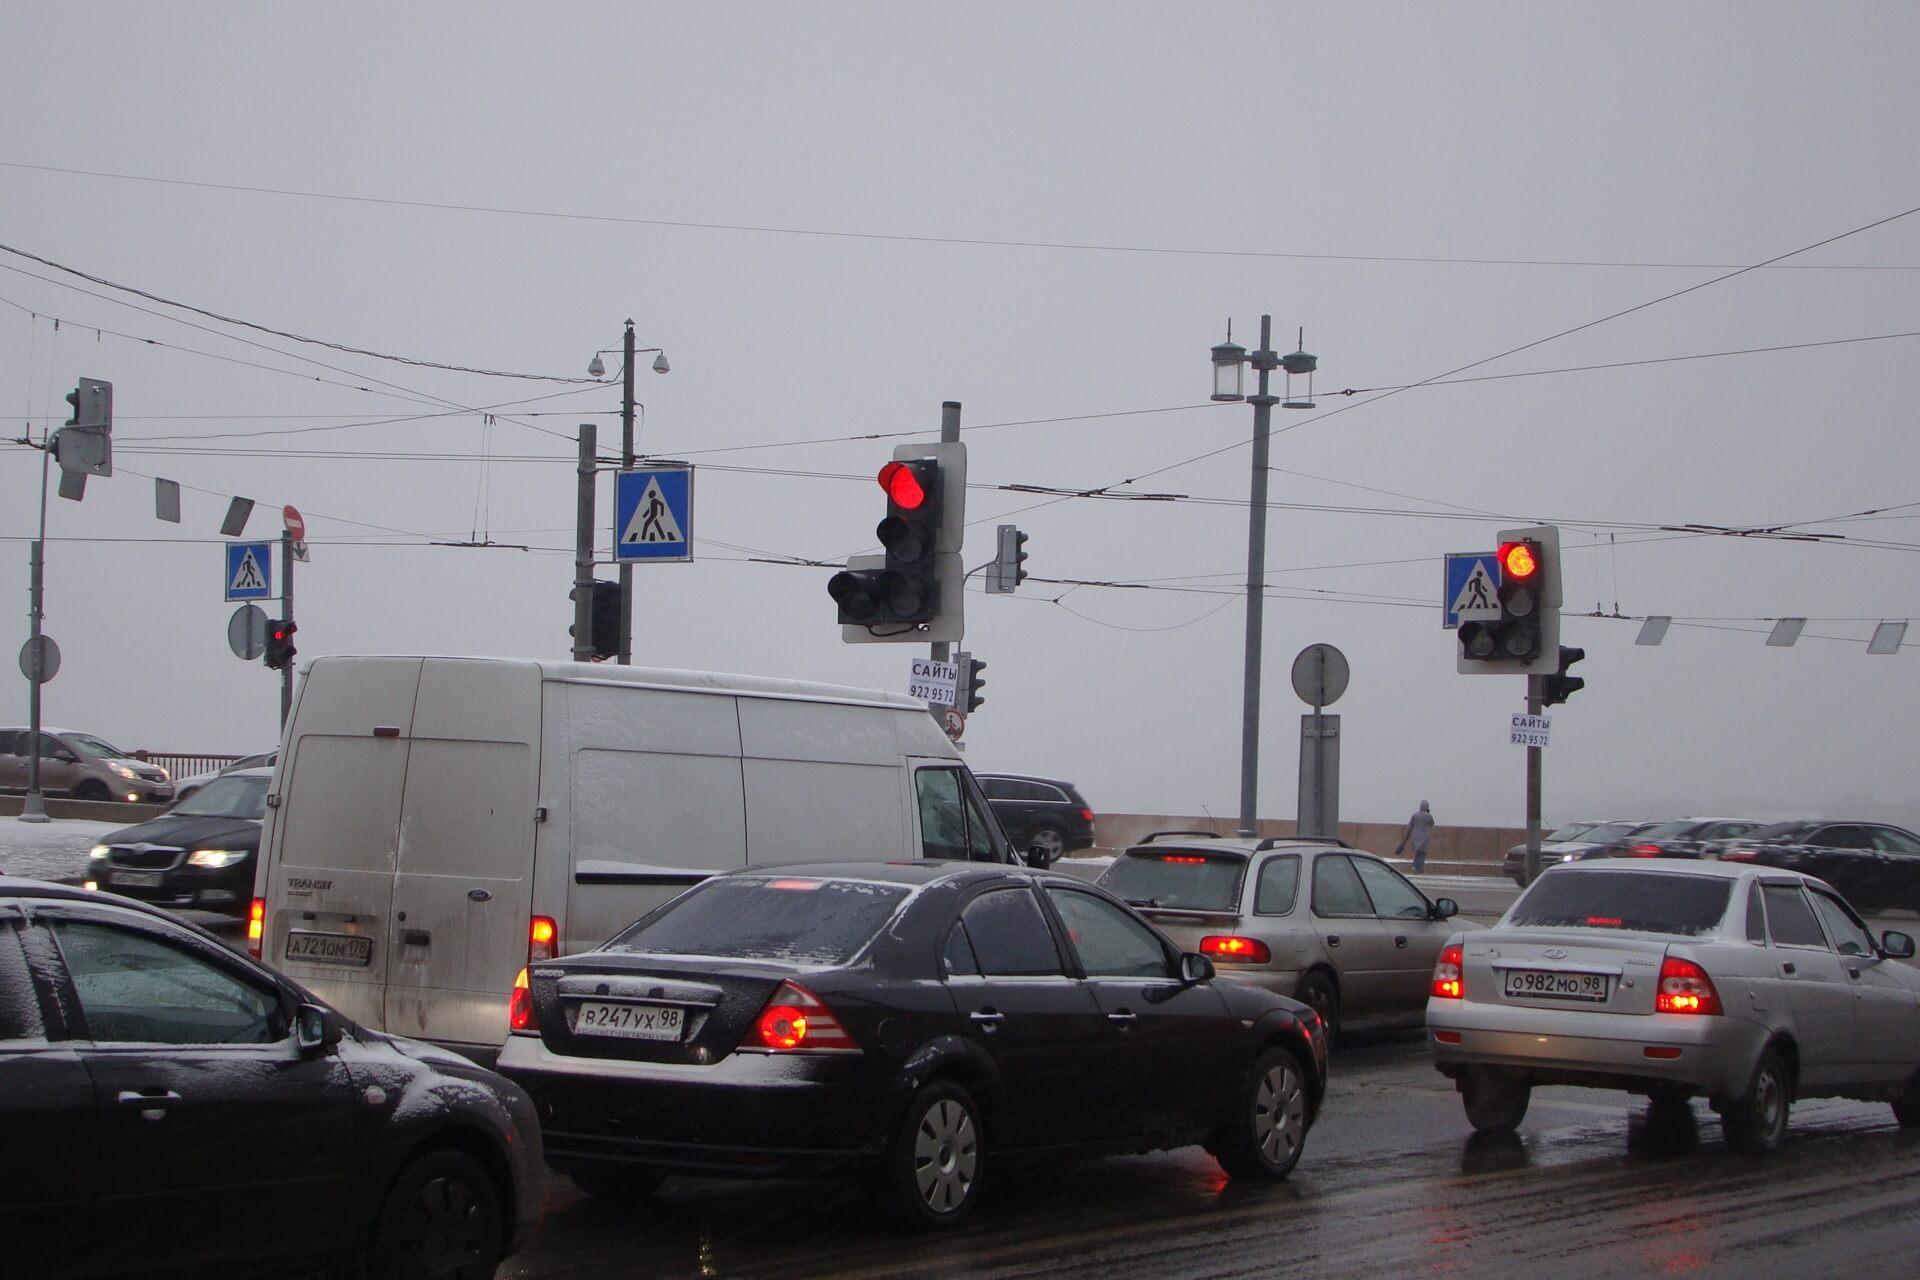 Натерритории Российской Федерации насчитывается 51,2 млн авто